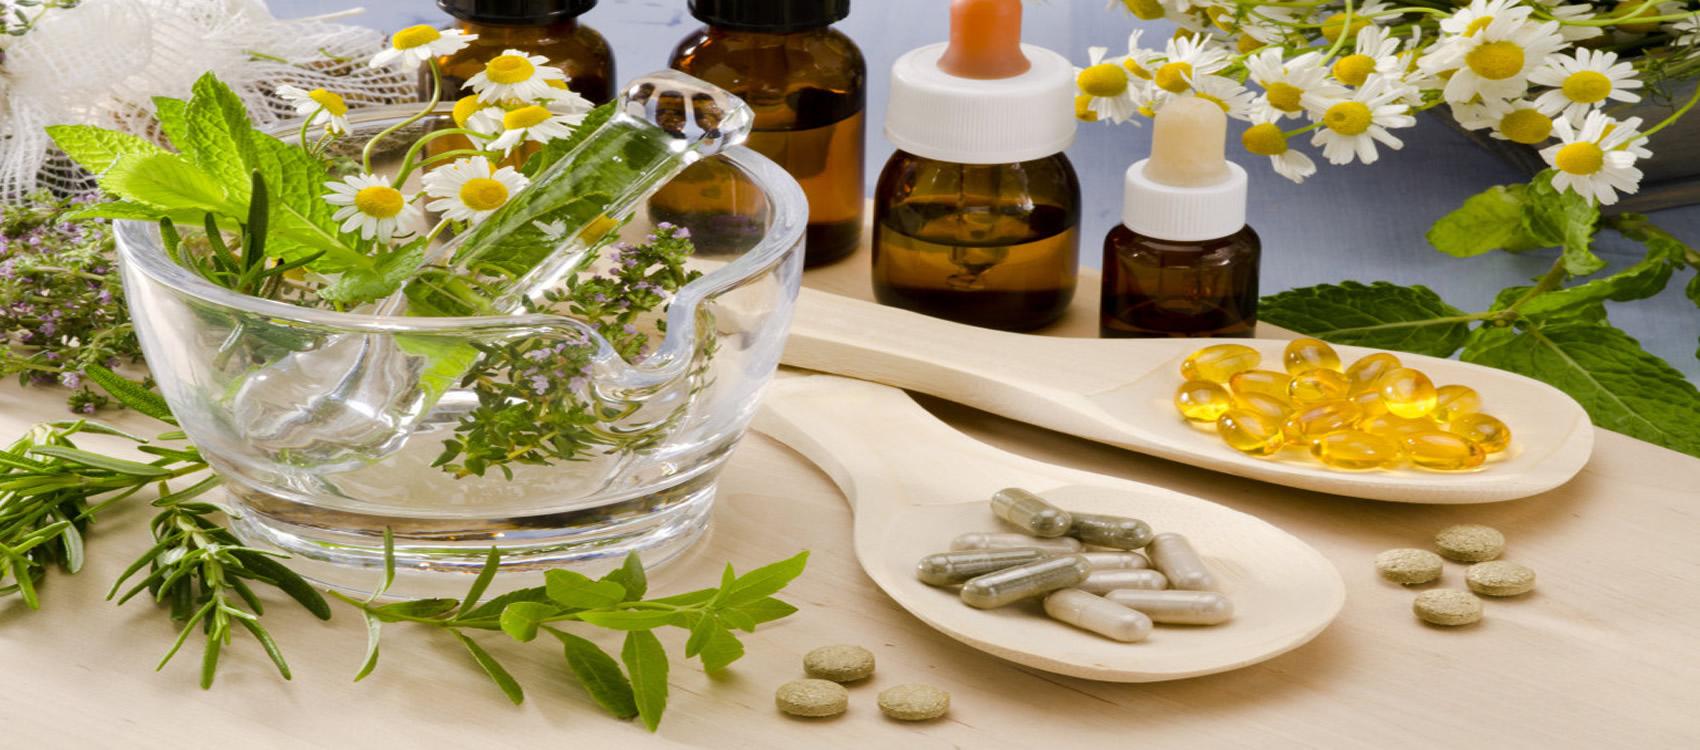 Terapias naturales como remedio para mejorar la fertilidad